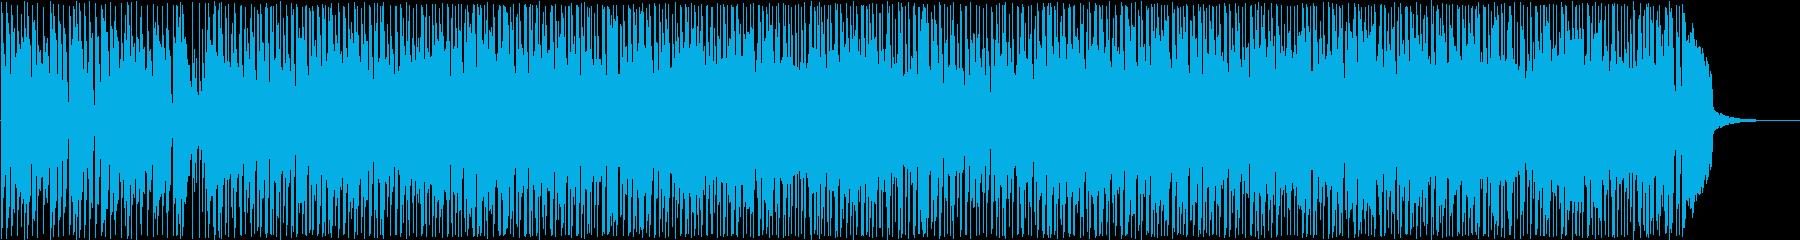 爽やかなシンセサイザーサウンドの再生済みの波形